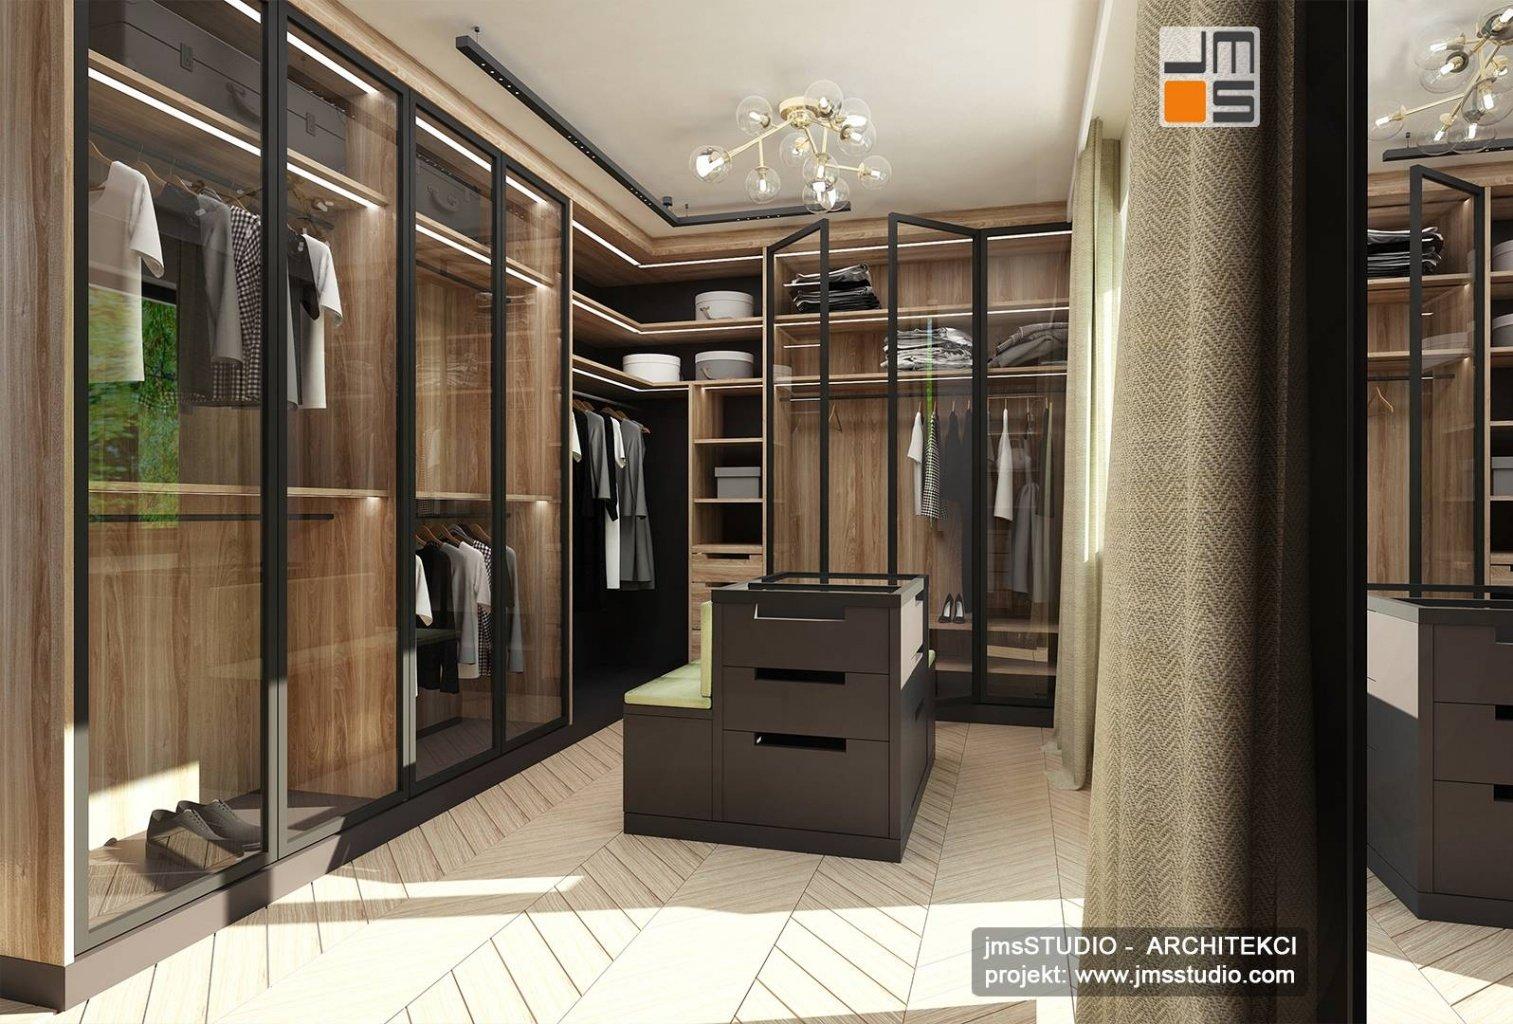 projekt wnętrz bardzo dużej garderoby z ekskluzywne meble orzech i szklane fronty w Katowicach